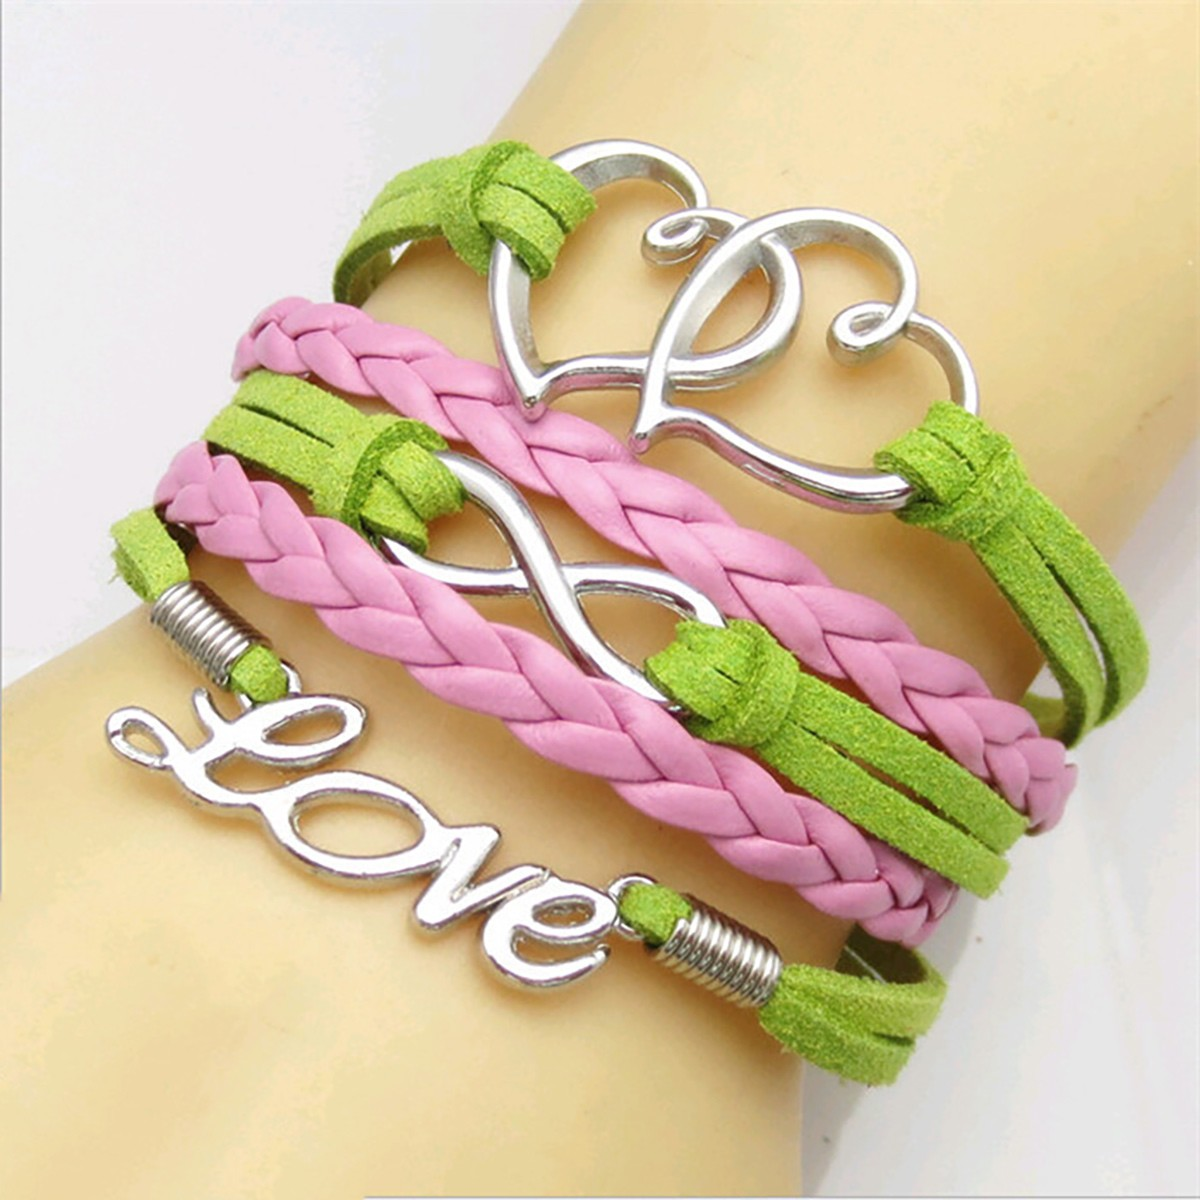 Armband mit Herzen - Love und Unendlichkeitszeichen